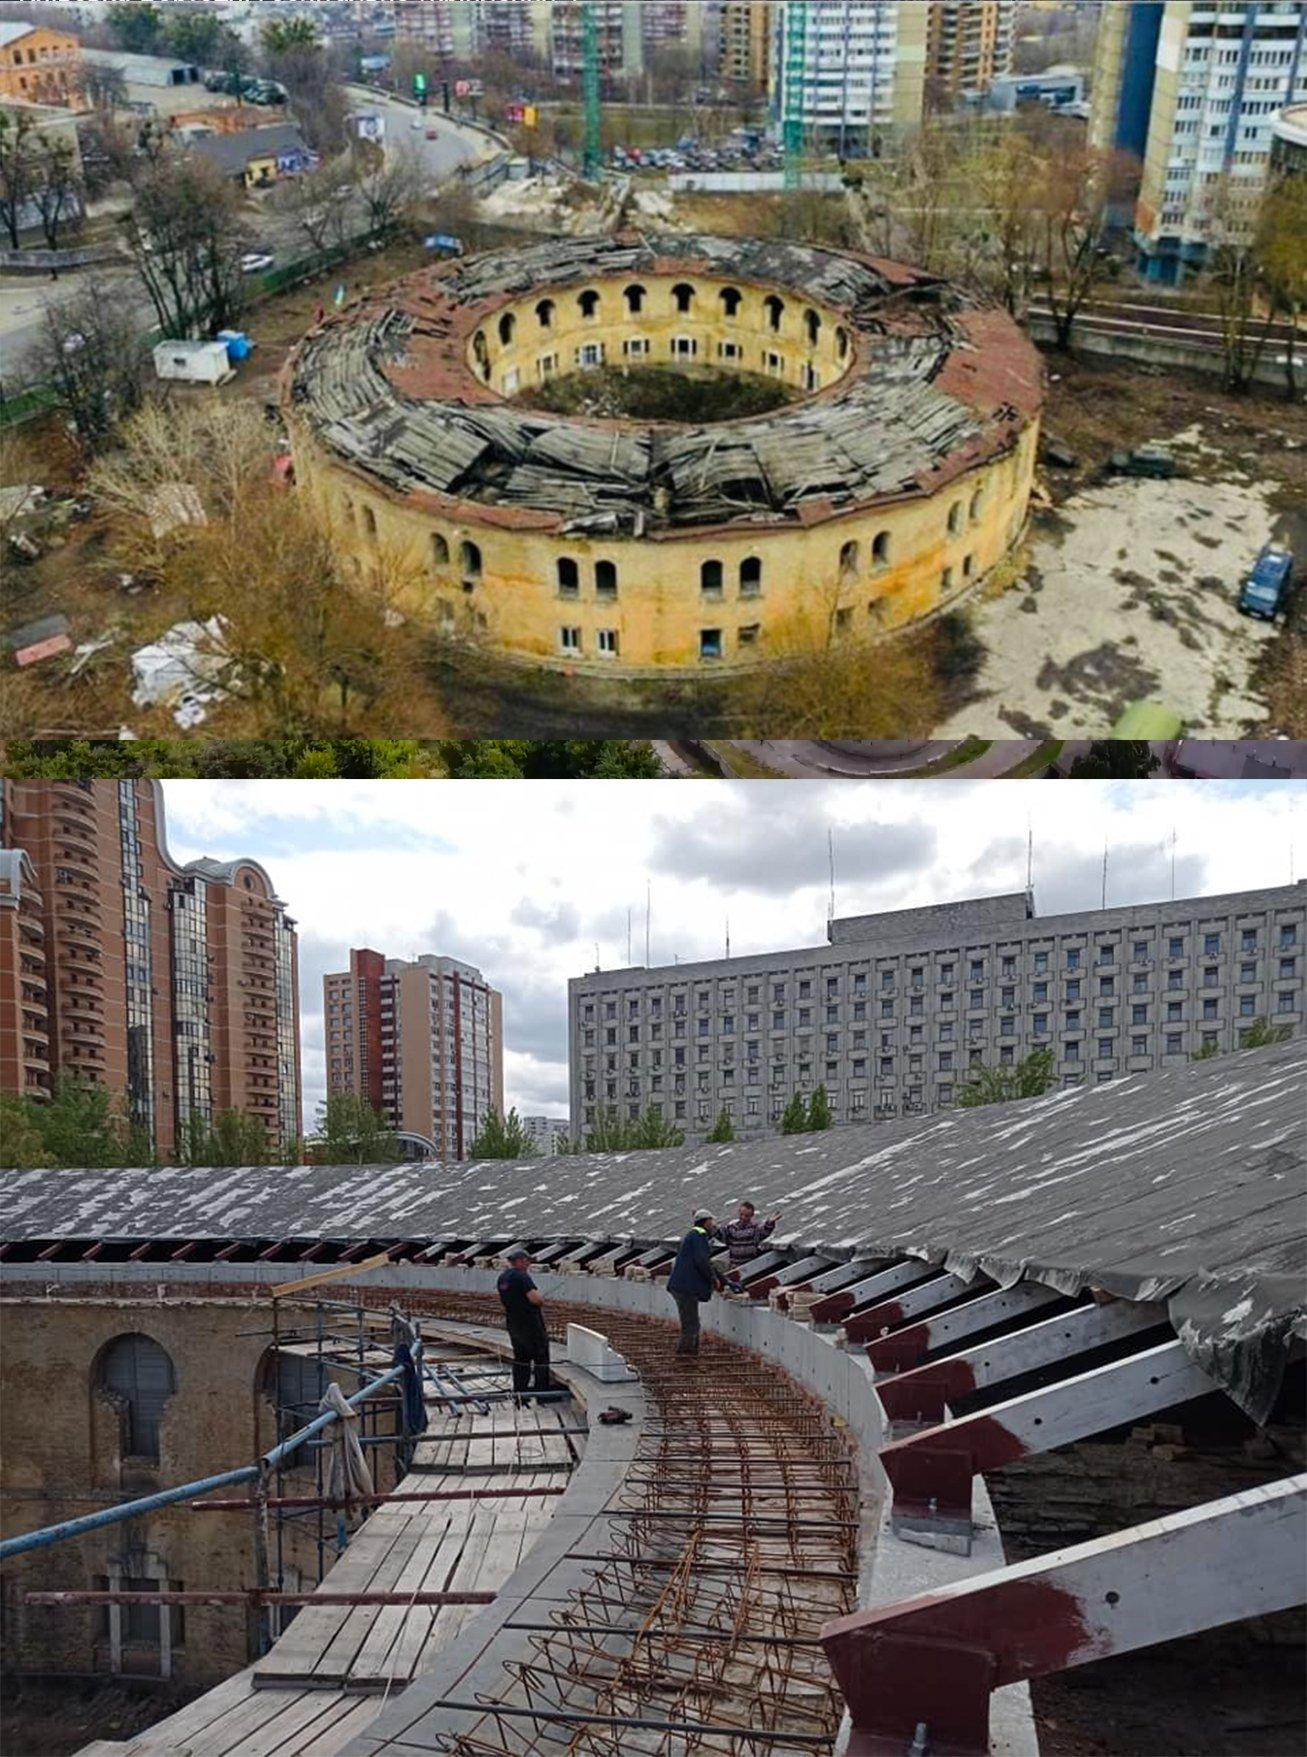 Четверта вежа фортеці міститься у так званому Царському селі – за будівлею Київської облради та ЦВК, поряд із дорогими печерськими житловими новобудовами. Сьогодні тут відновлюють аварійний дах, що майже розвалився